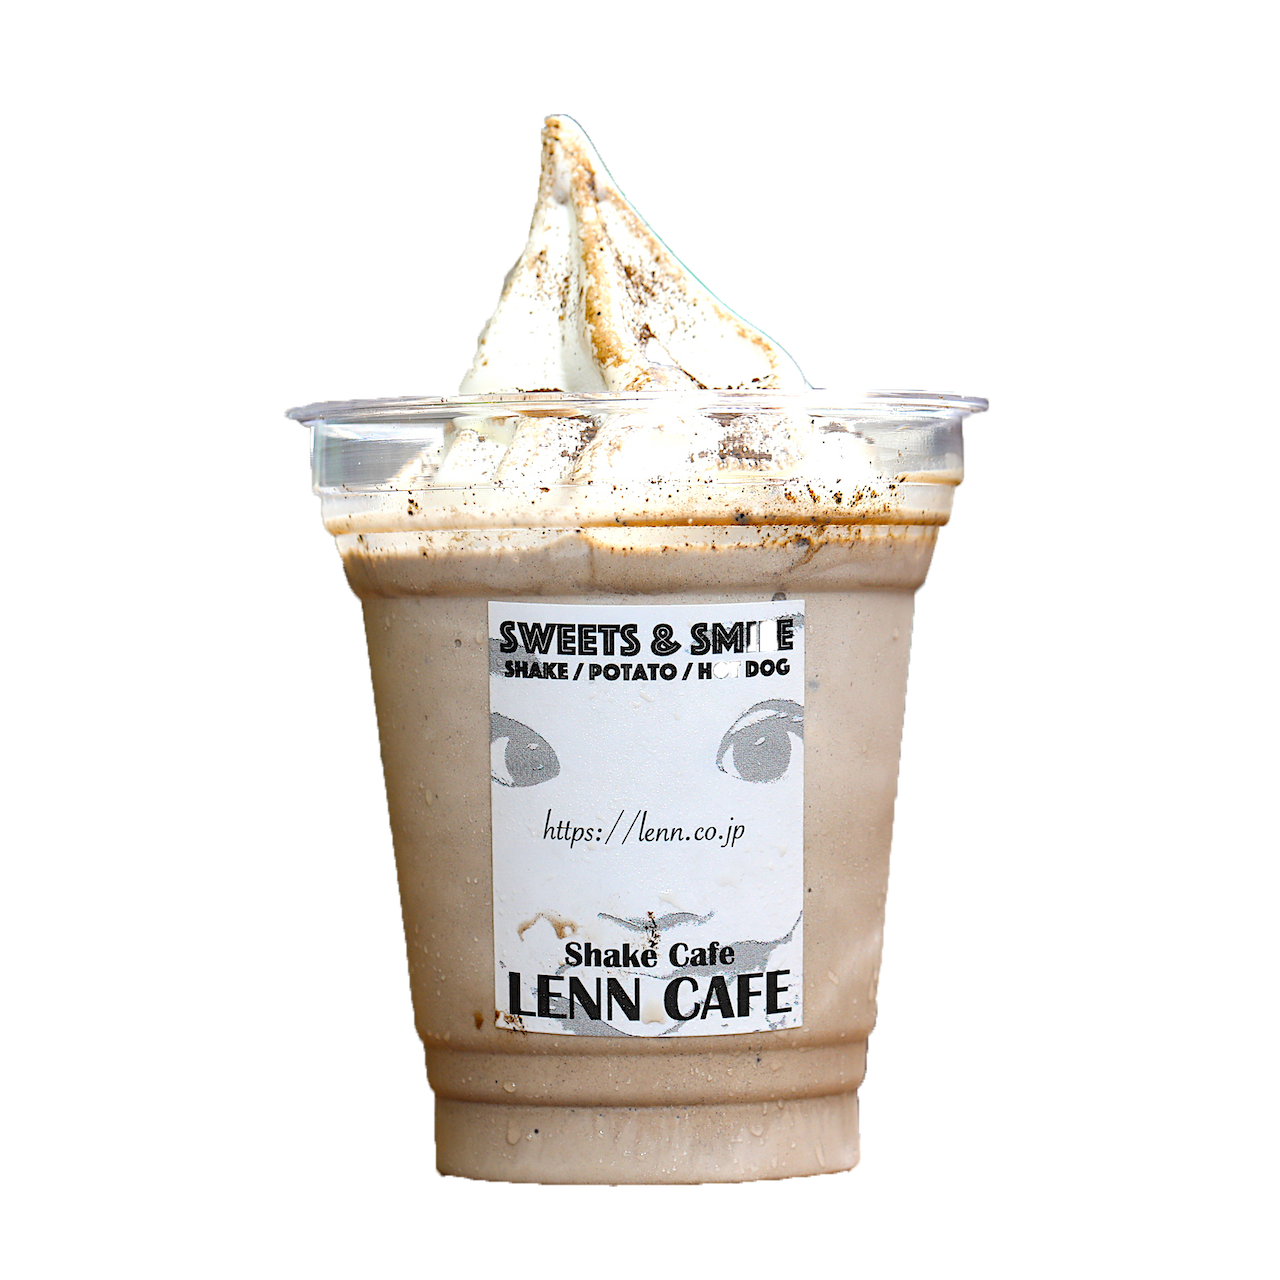 ほうじ茶シェイク(Roasted Green Tea Shake)レンカフェ(LENN CAFE)